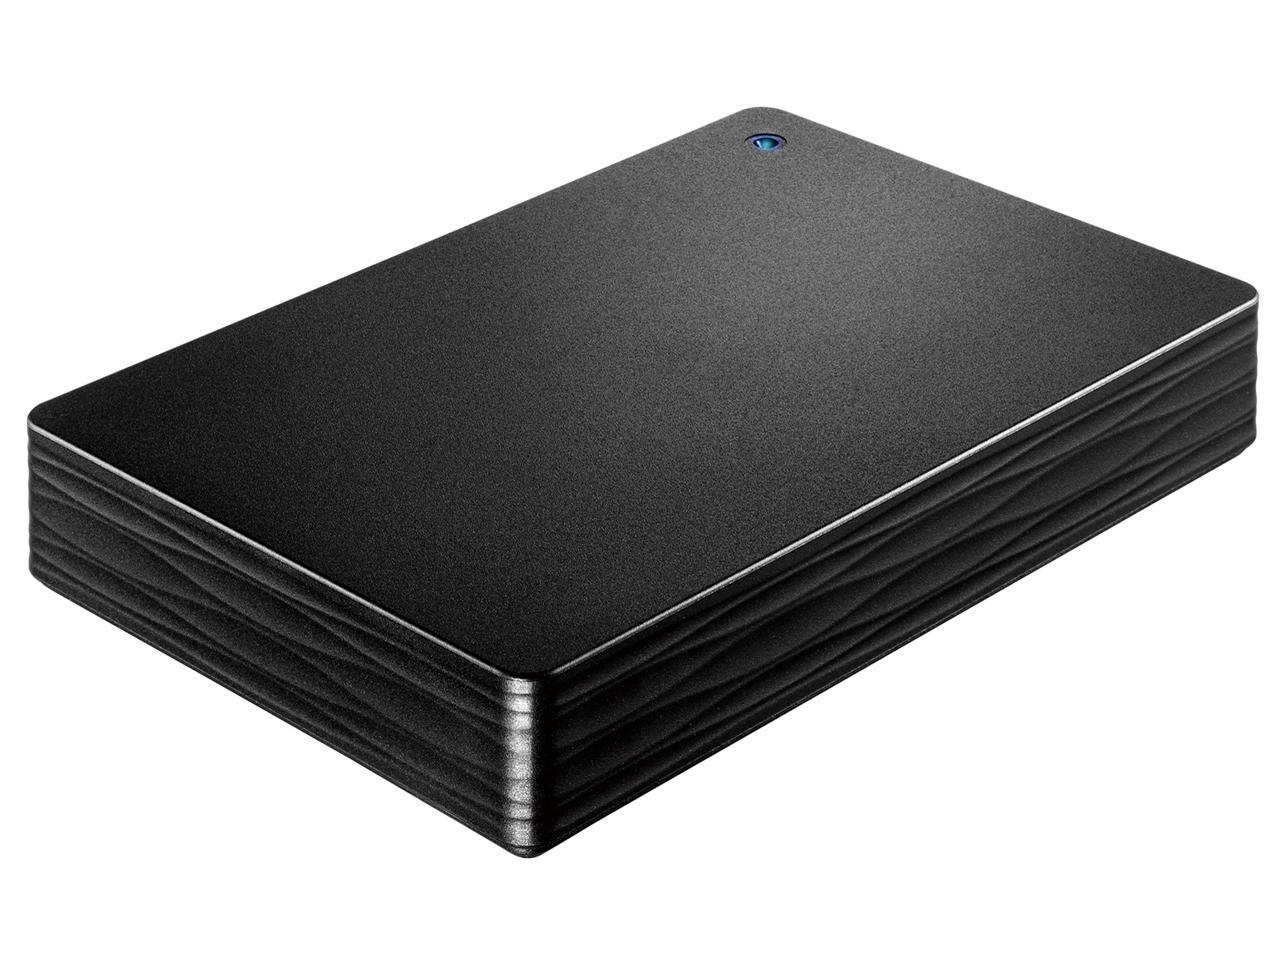 アイ・オー・データ機器 USB 3.1 Gen 1/2.0 ポータブルHDD「カクうす Lite」ブラック 4TB(HDPH-UT4DKR)【smtb-s】